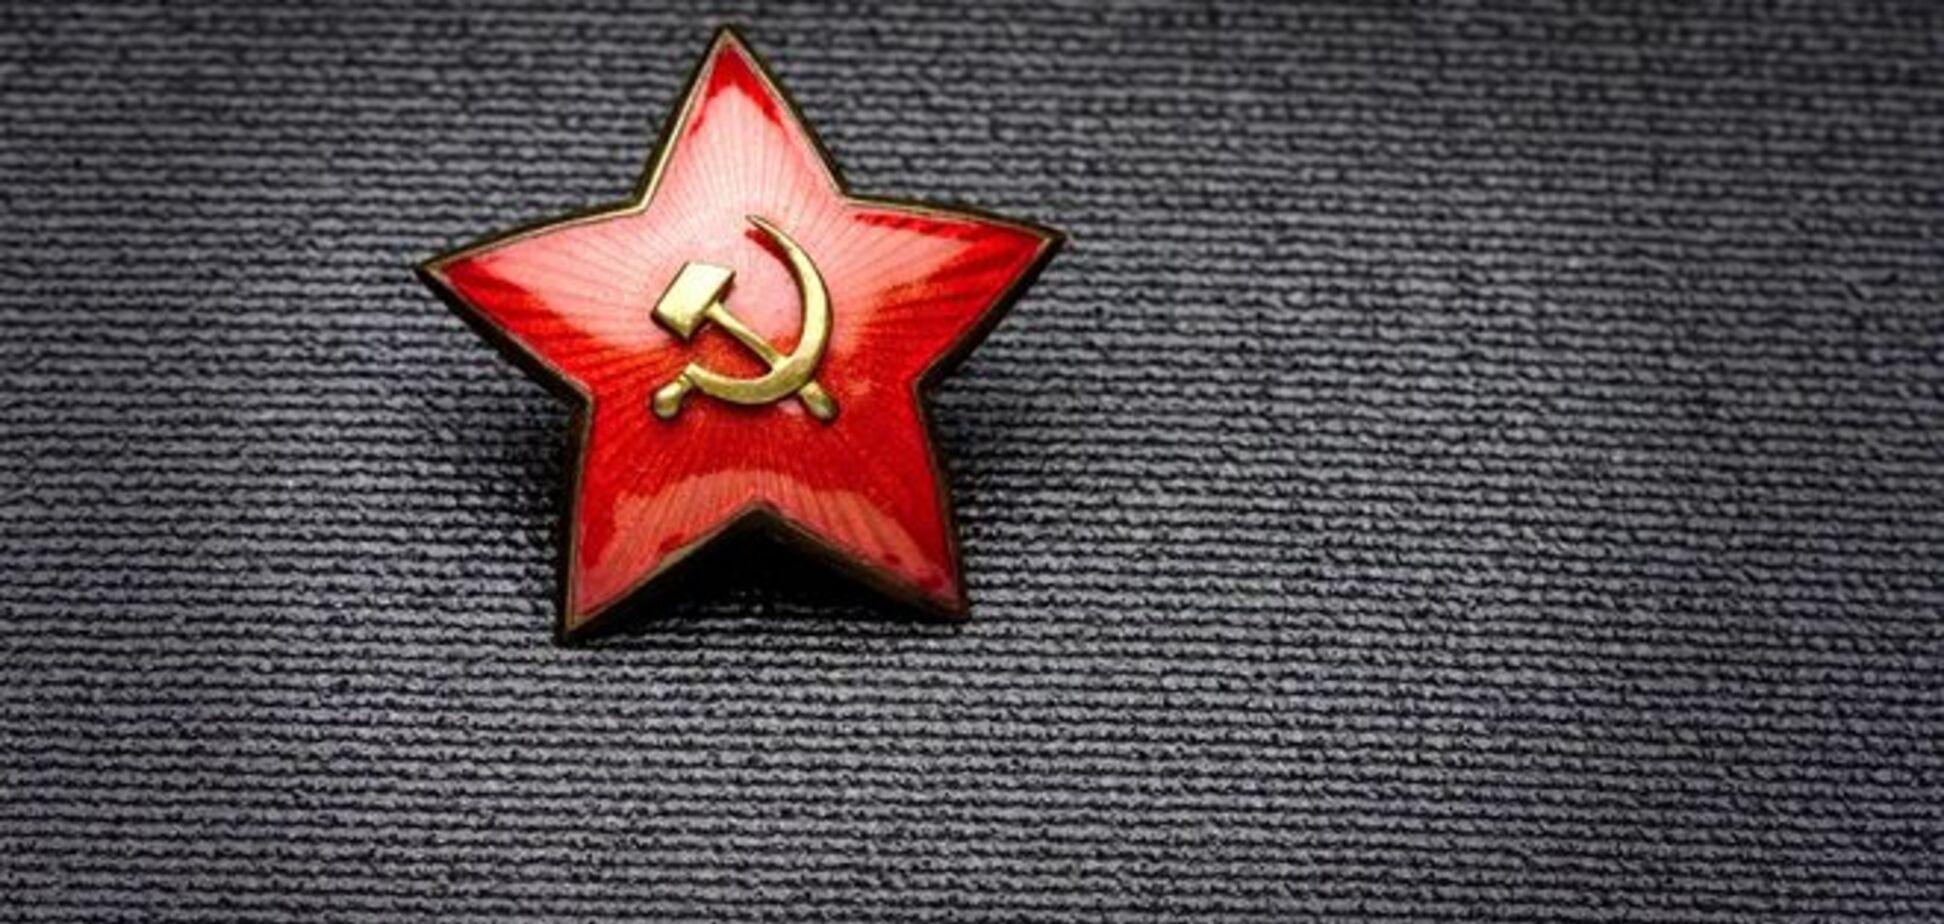 Праздник не удался. В Украине впервые отказались от 23 февраля из-за агрессии Путина